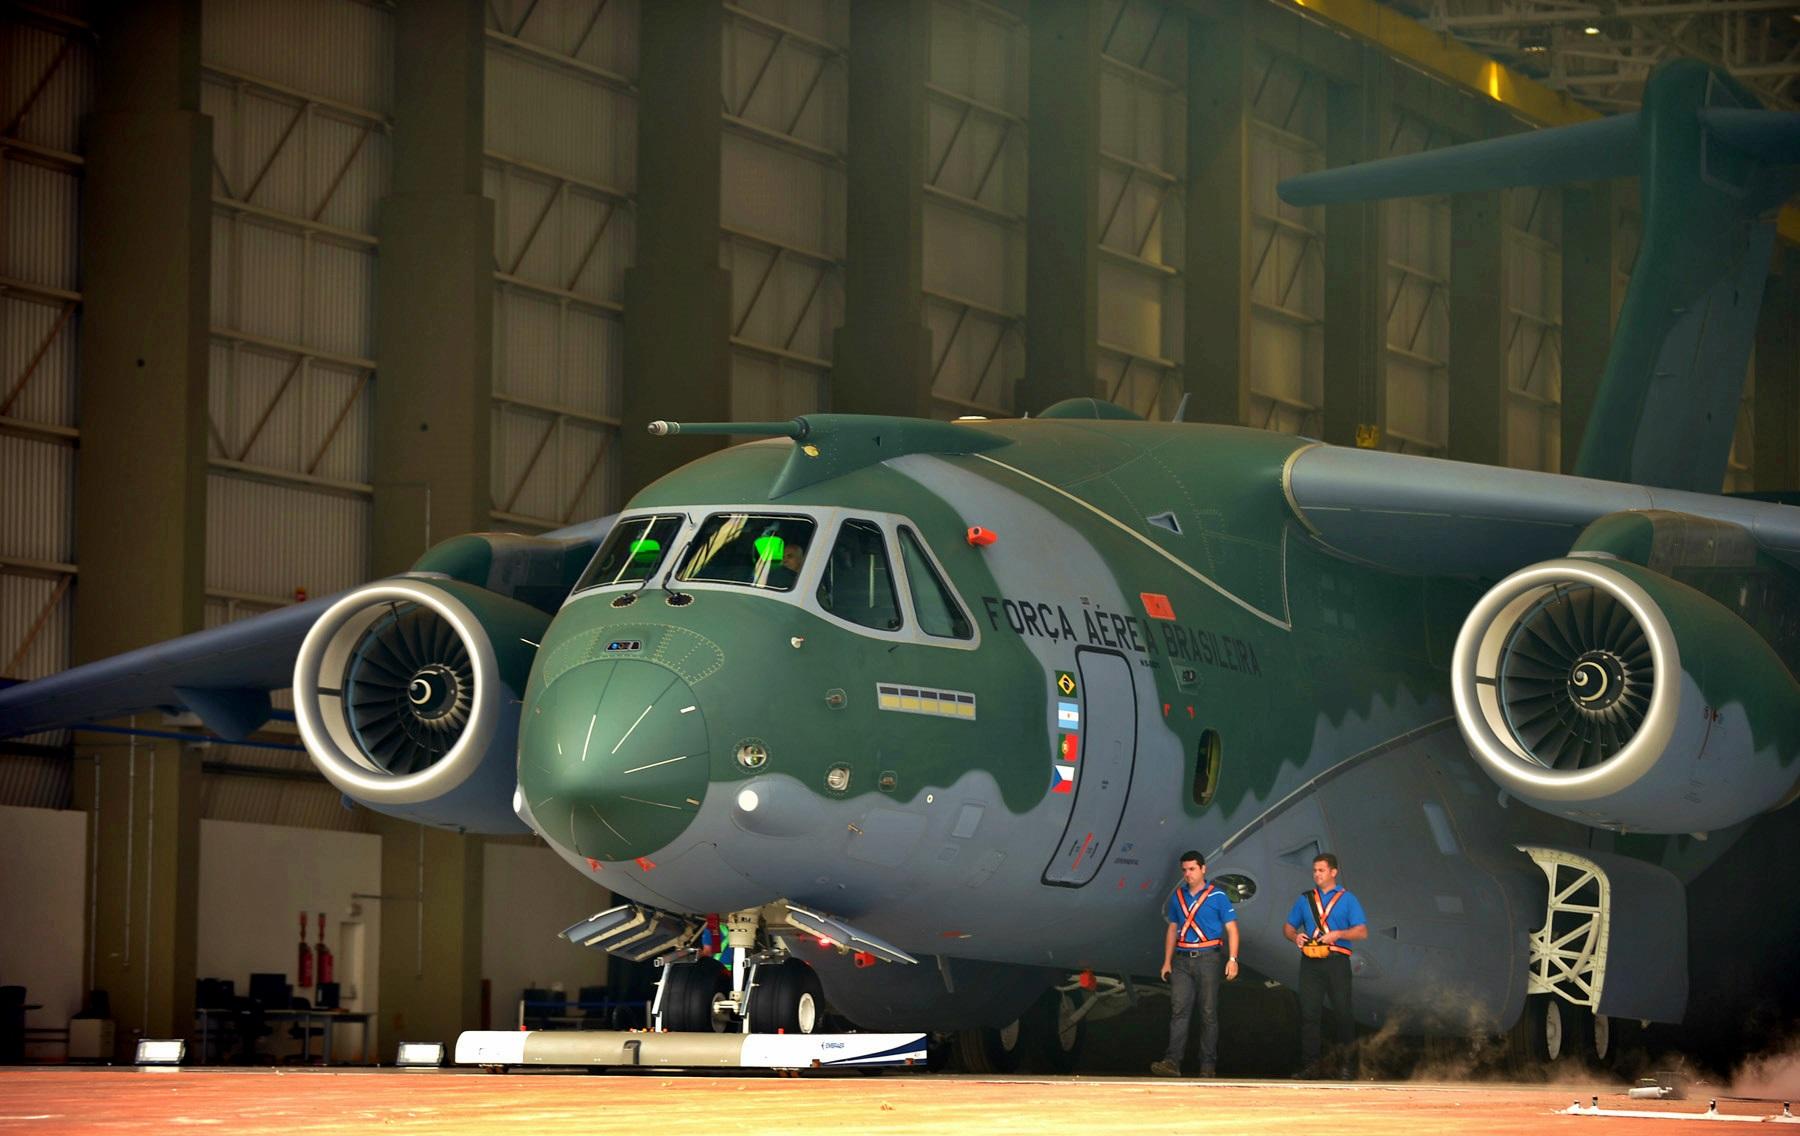 الصناعة العسكرية اليابانية,,,ماذا بعد؟! - صفحة 2 Apresenta%C3%A7%C3%A3o_KC-390_%2815414135738%29